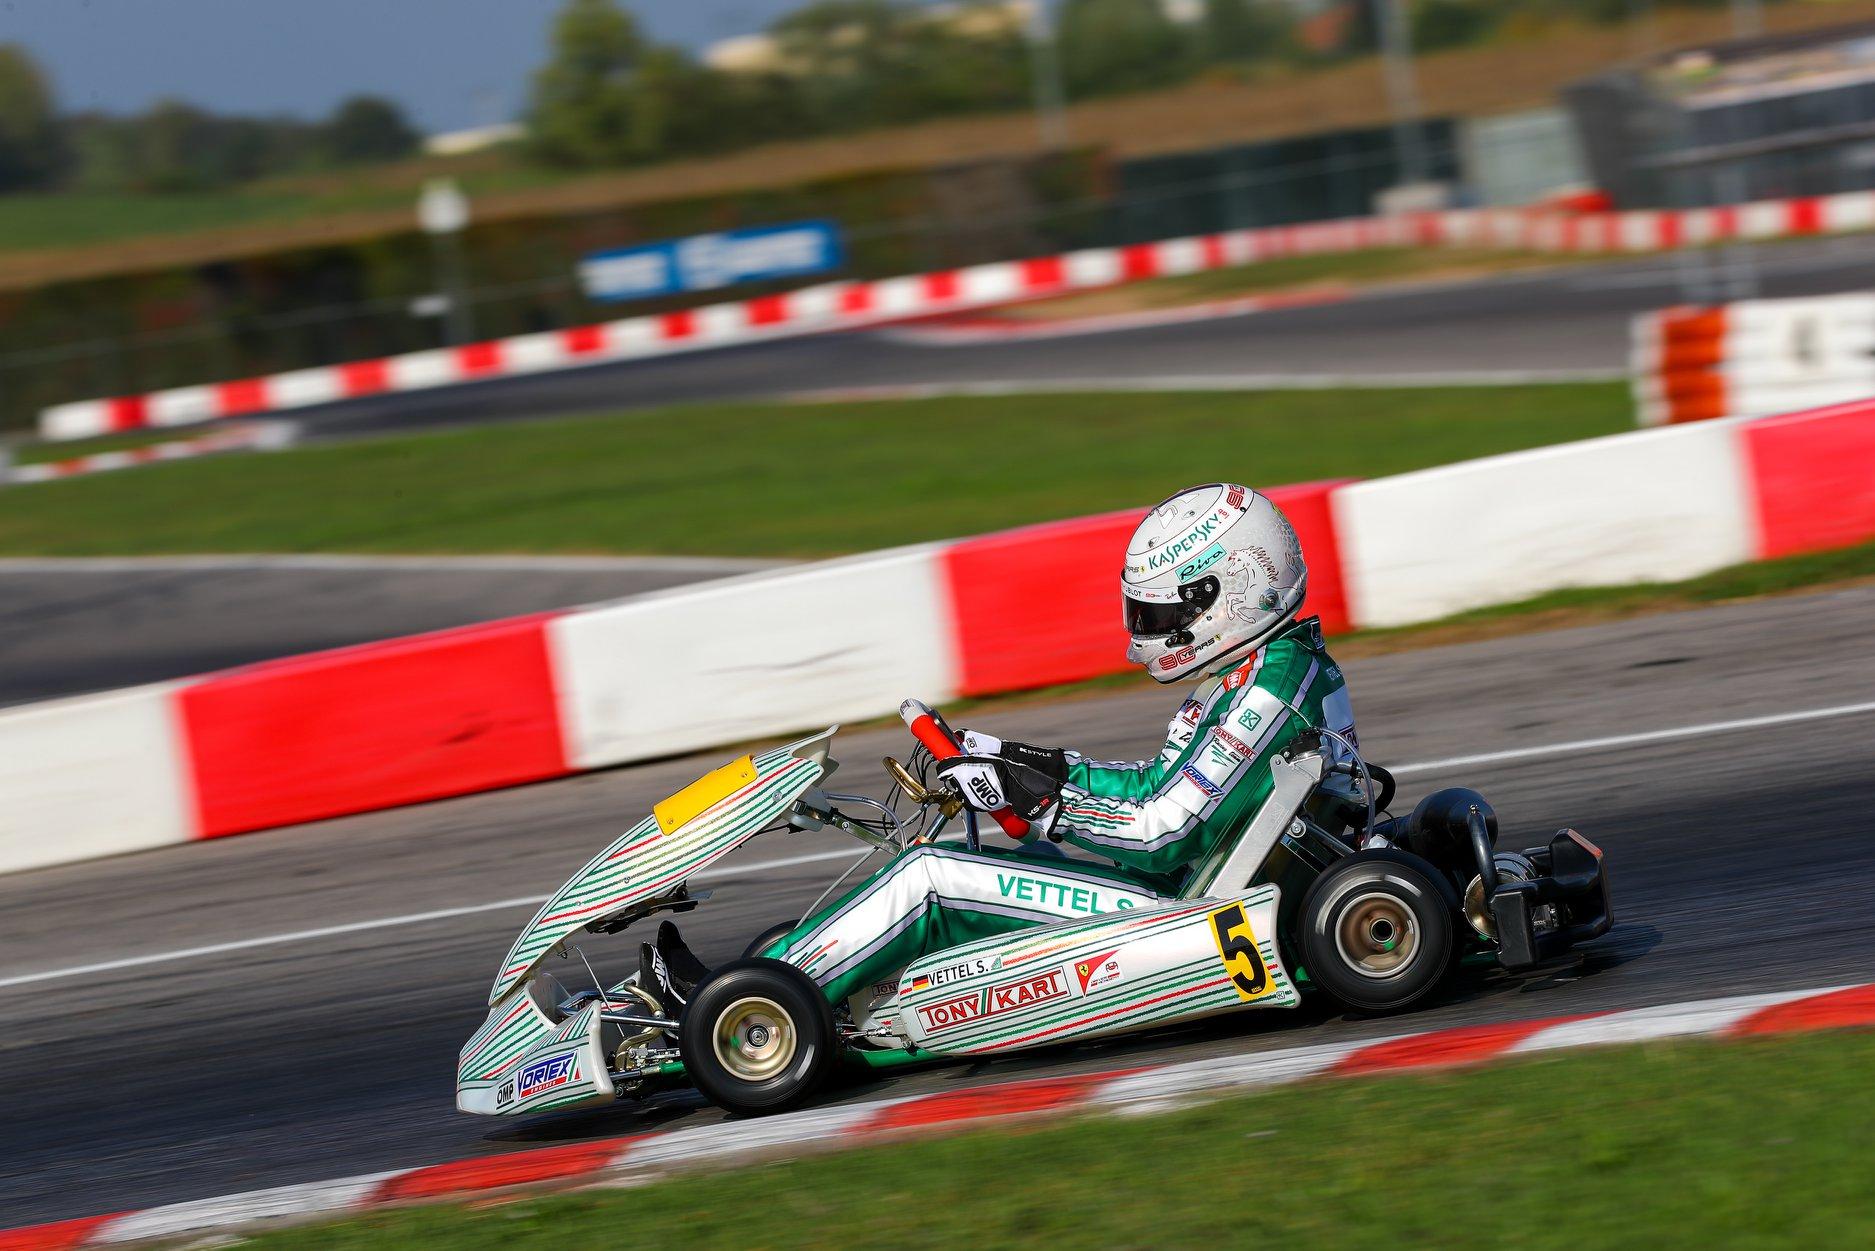 Sebastian_Vettel_testing_Tony_Kart_0017